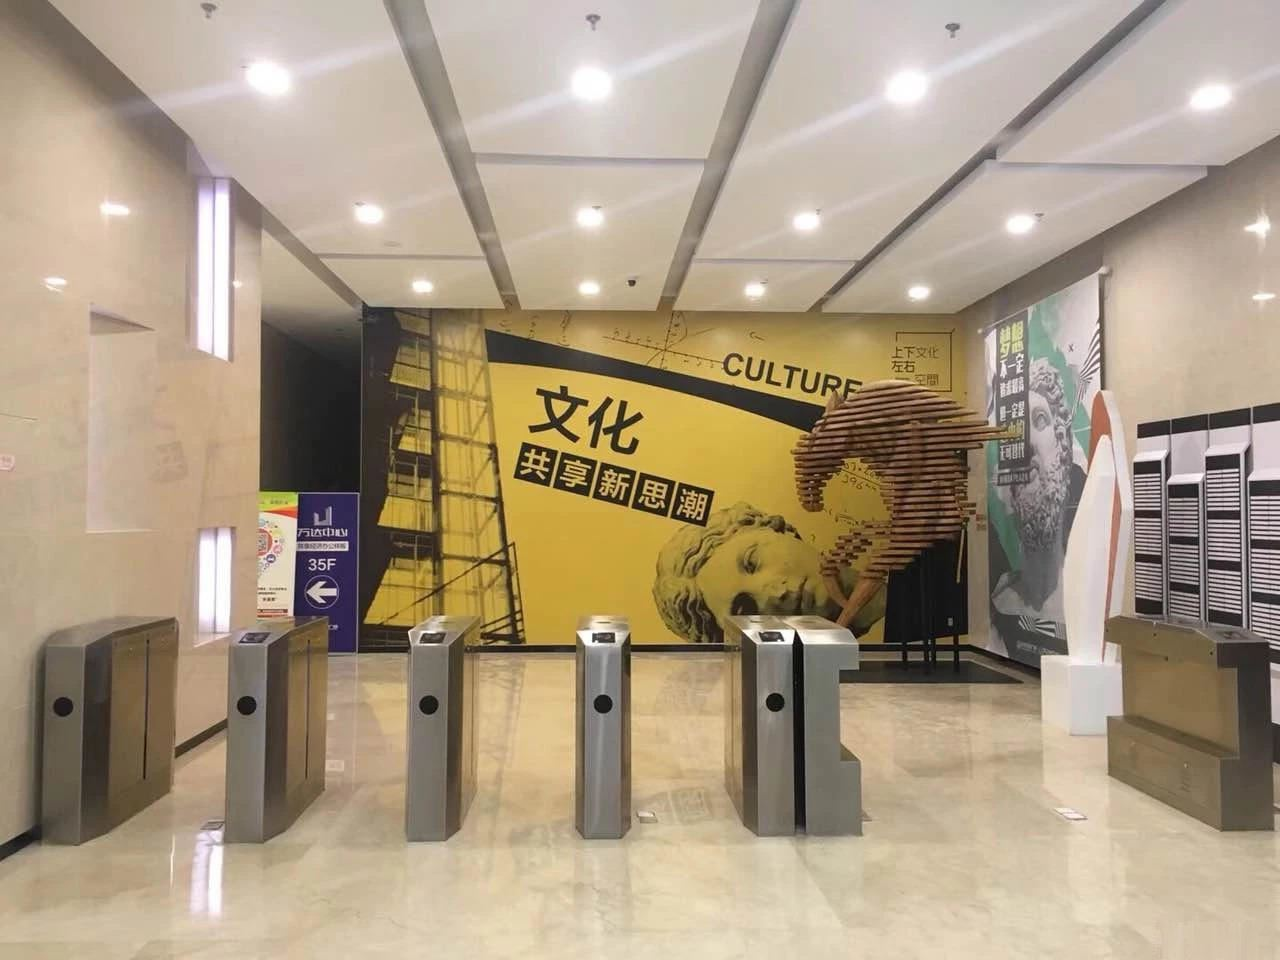 义乌万达高端写字楼开售 单价1.1万到1.3万多种户型你来选